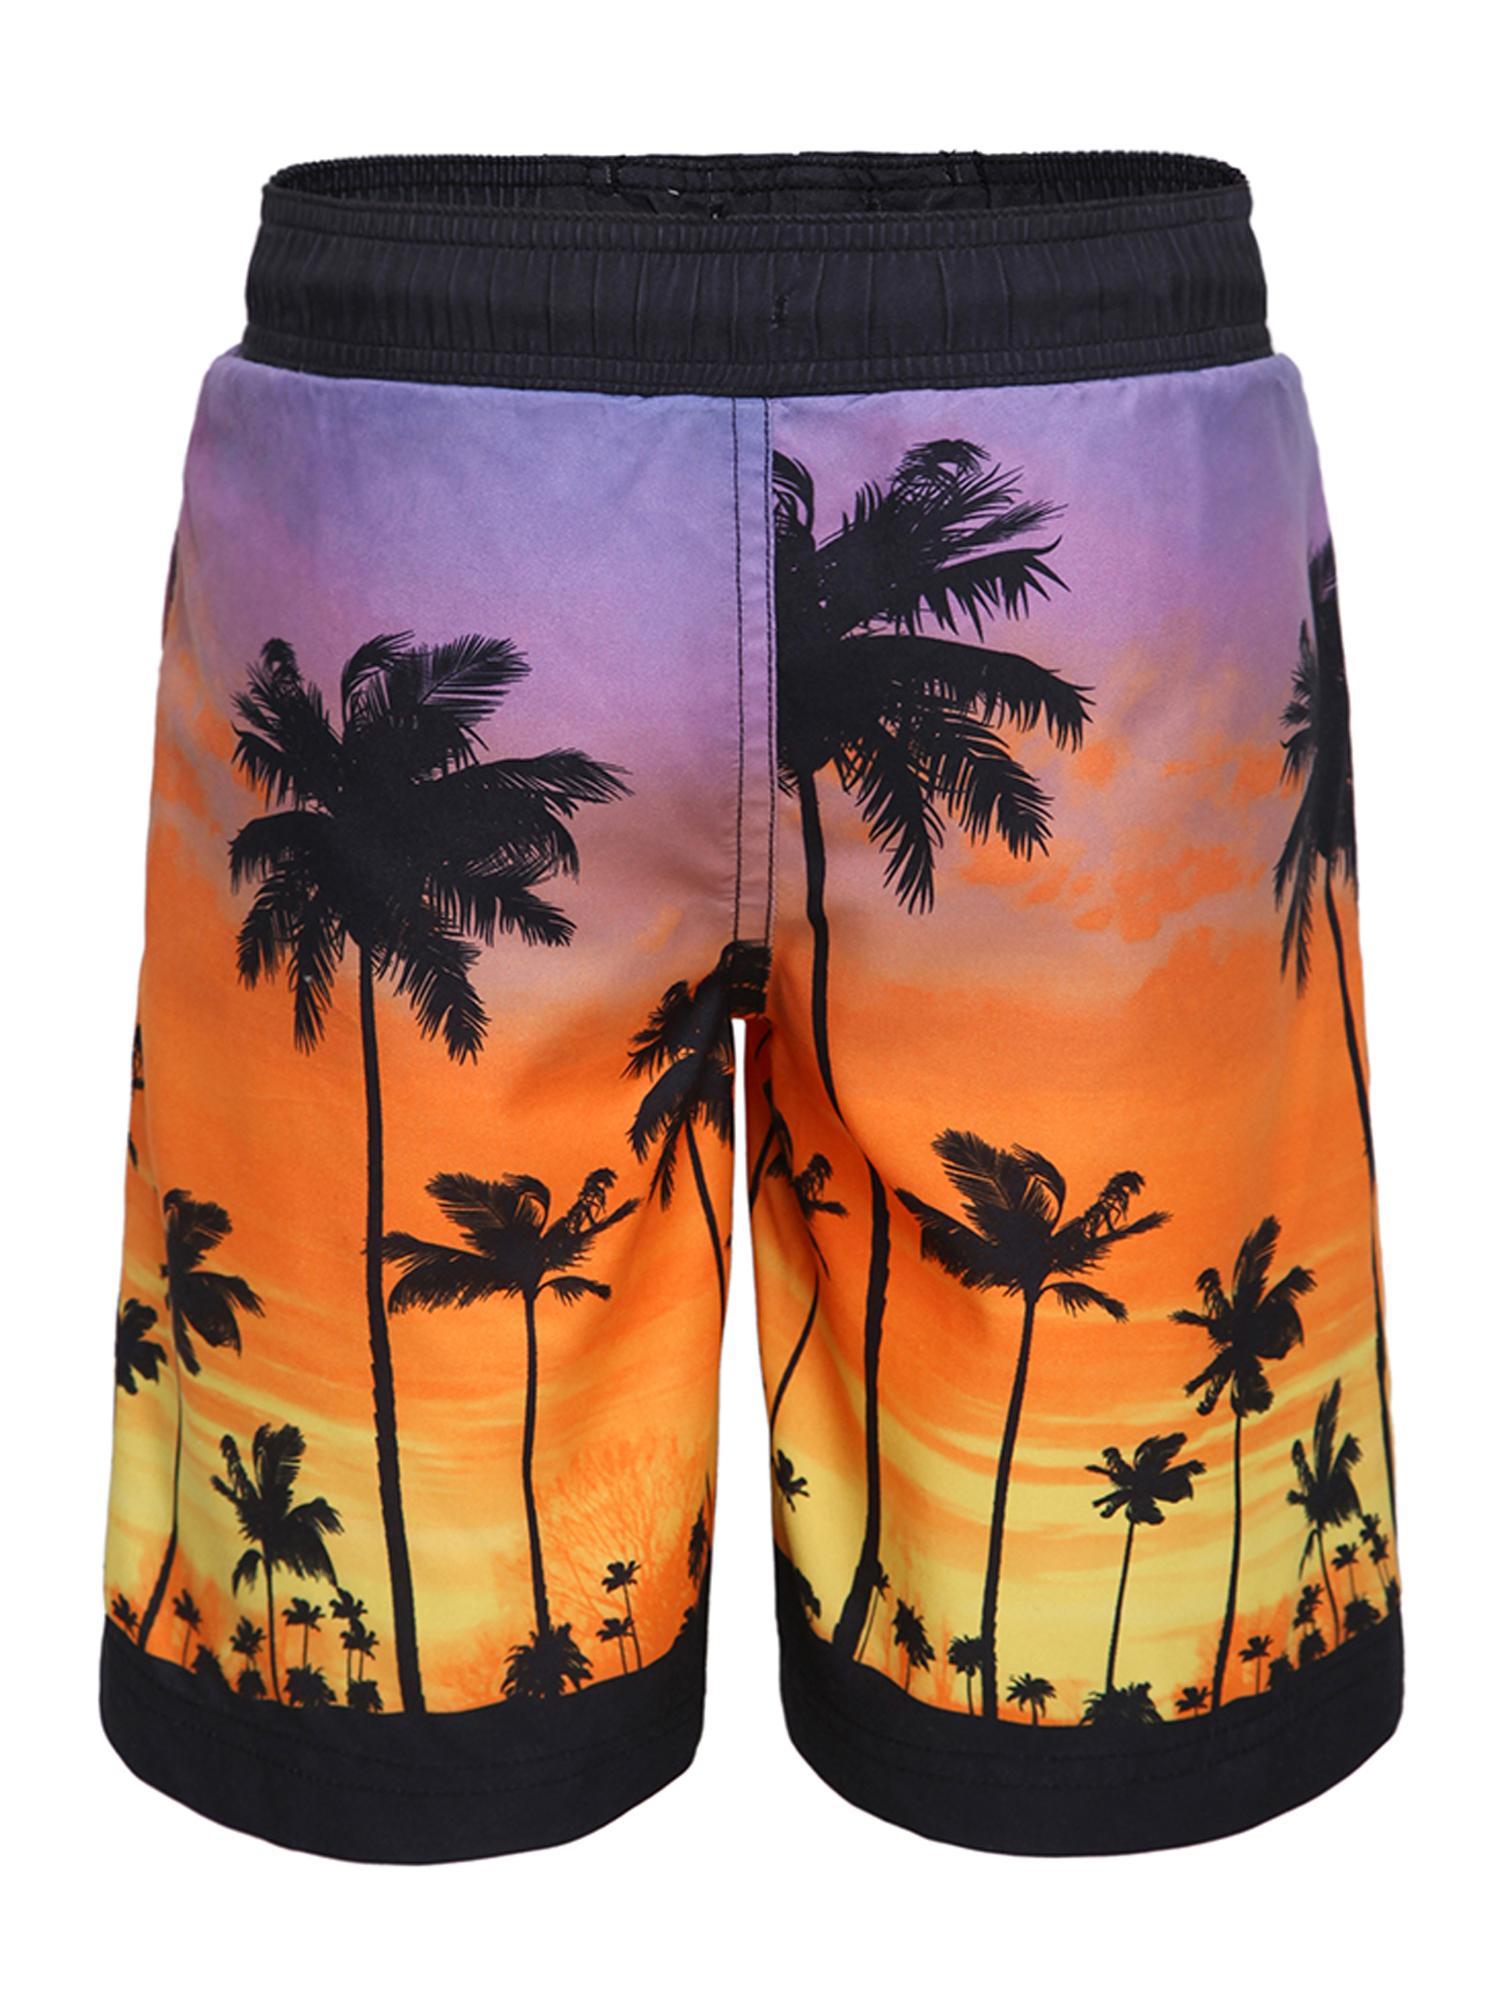 PIN Lightweight Quick Dry Aircraft Beach Shorts Swim Trunks Beach Pants